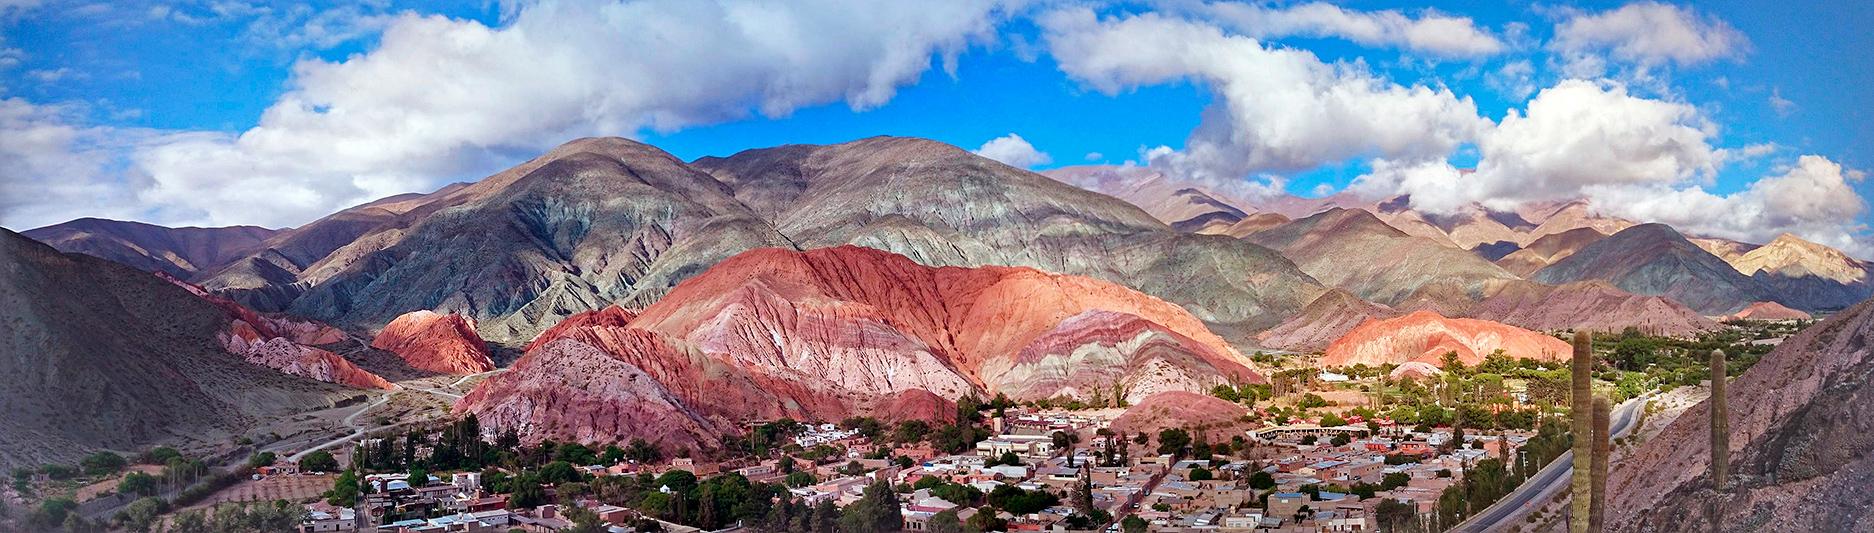 Vue panoramique des montagnes aux sept couleurs, Purmamarca, Argentine - 2014